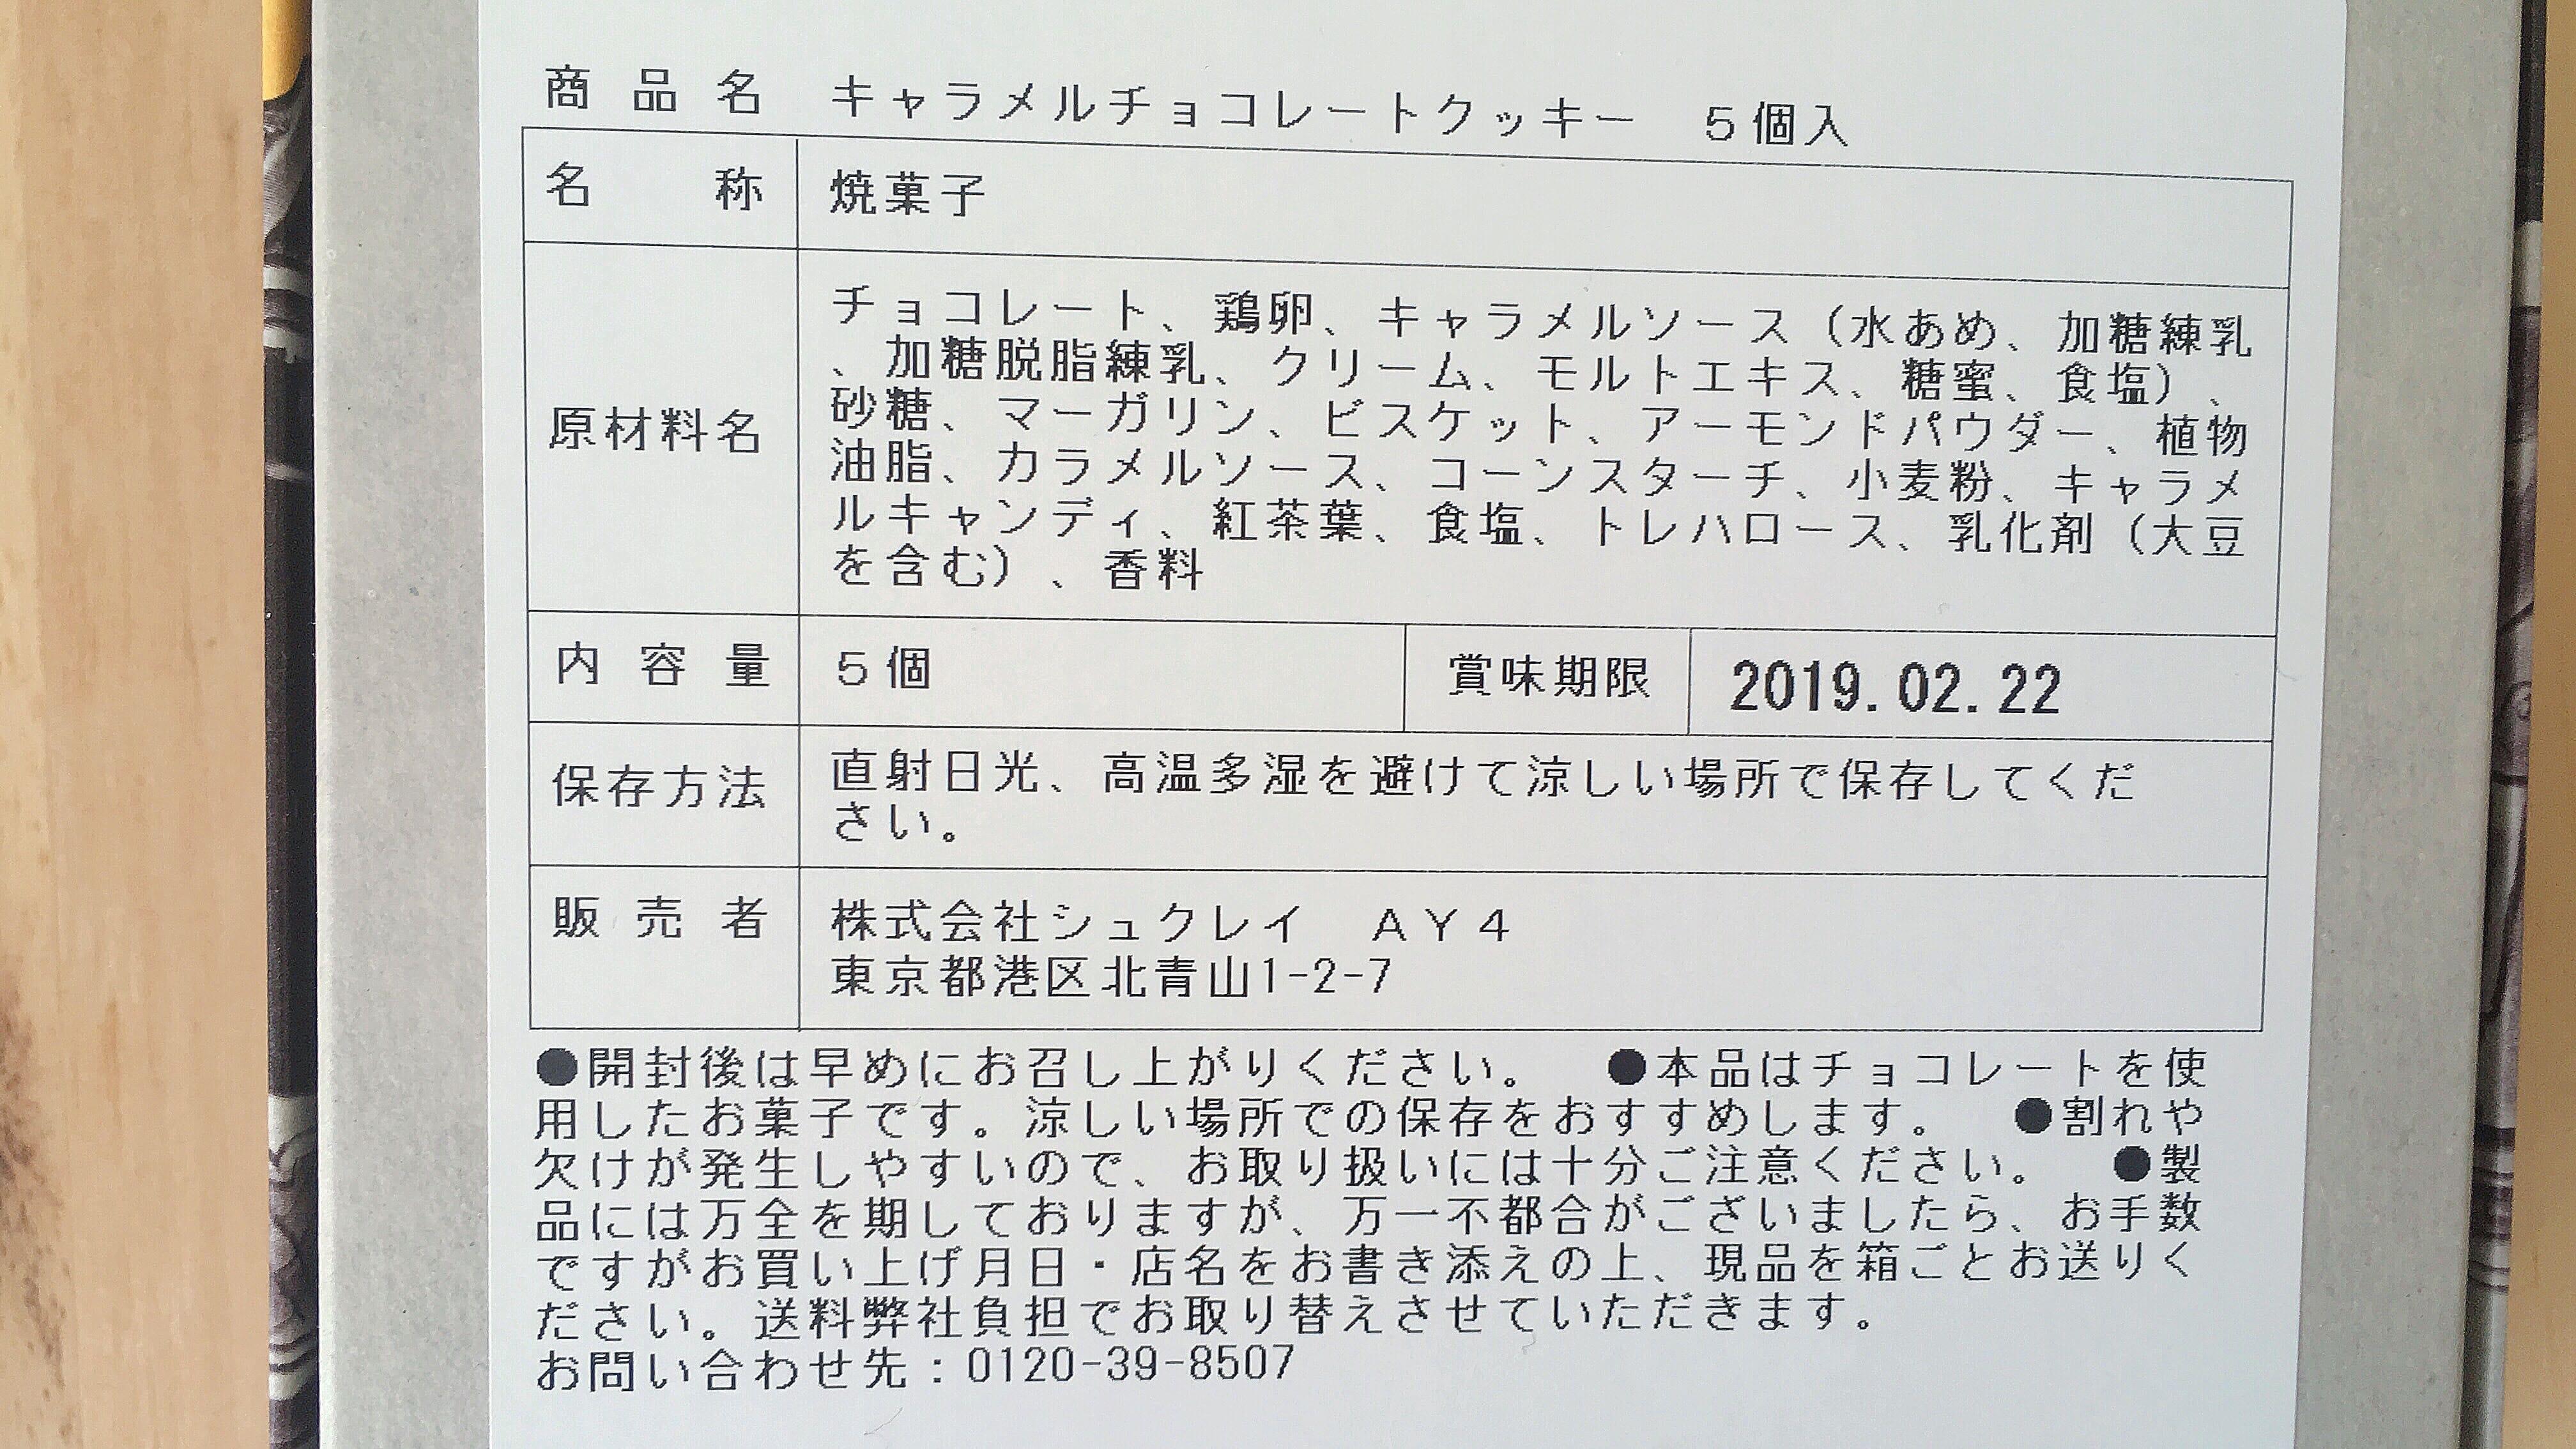 かわいい東京土産のキャラメルゴーストハウスのキャラメルチョコレートクッキーの製品表示